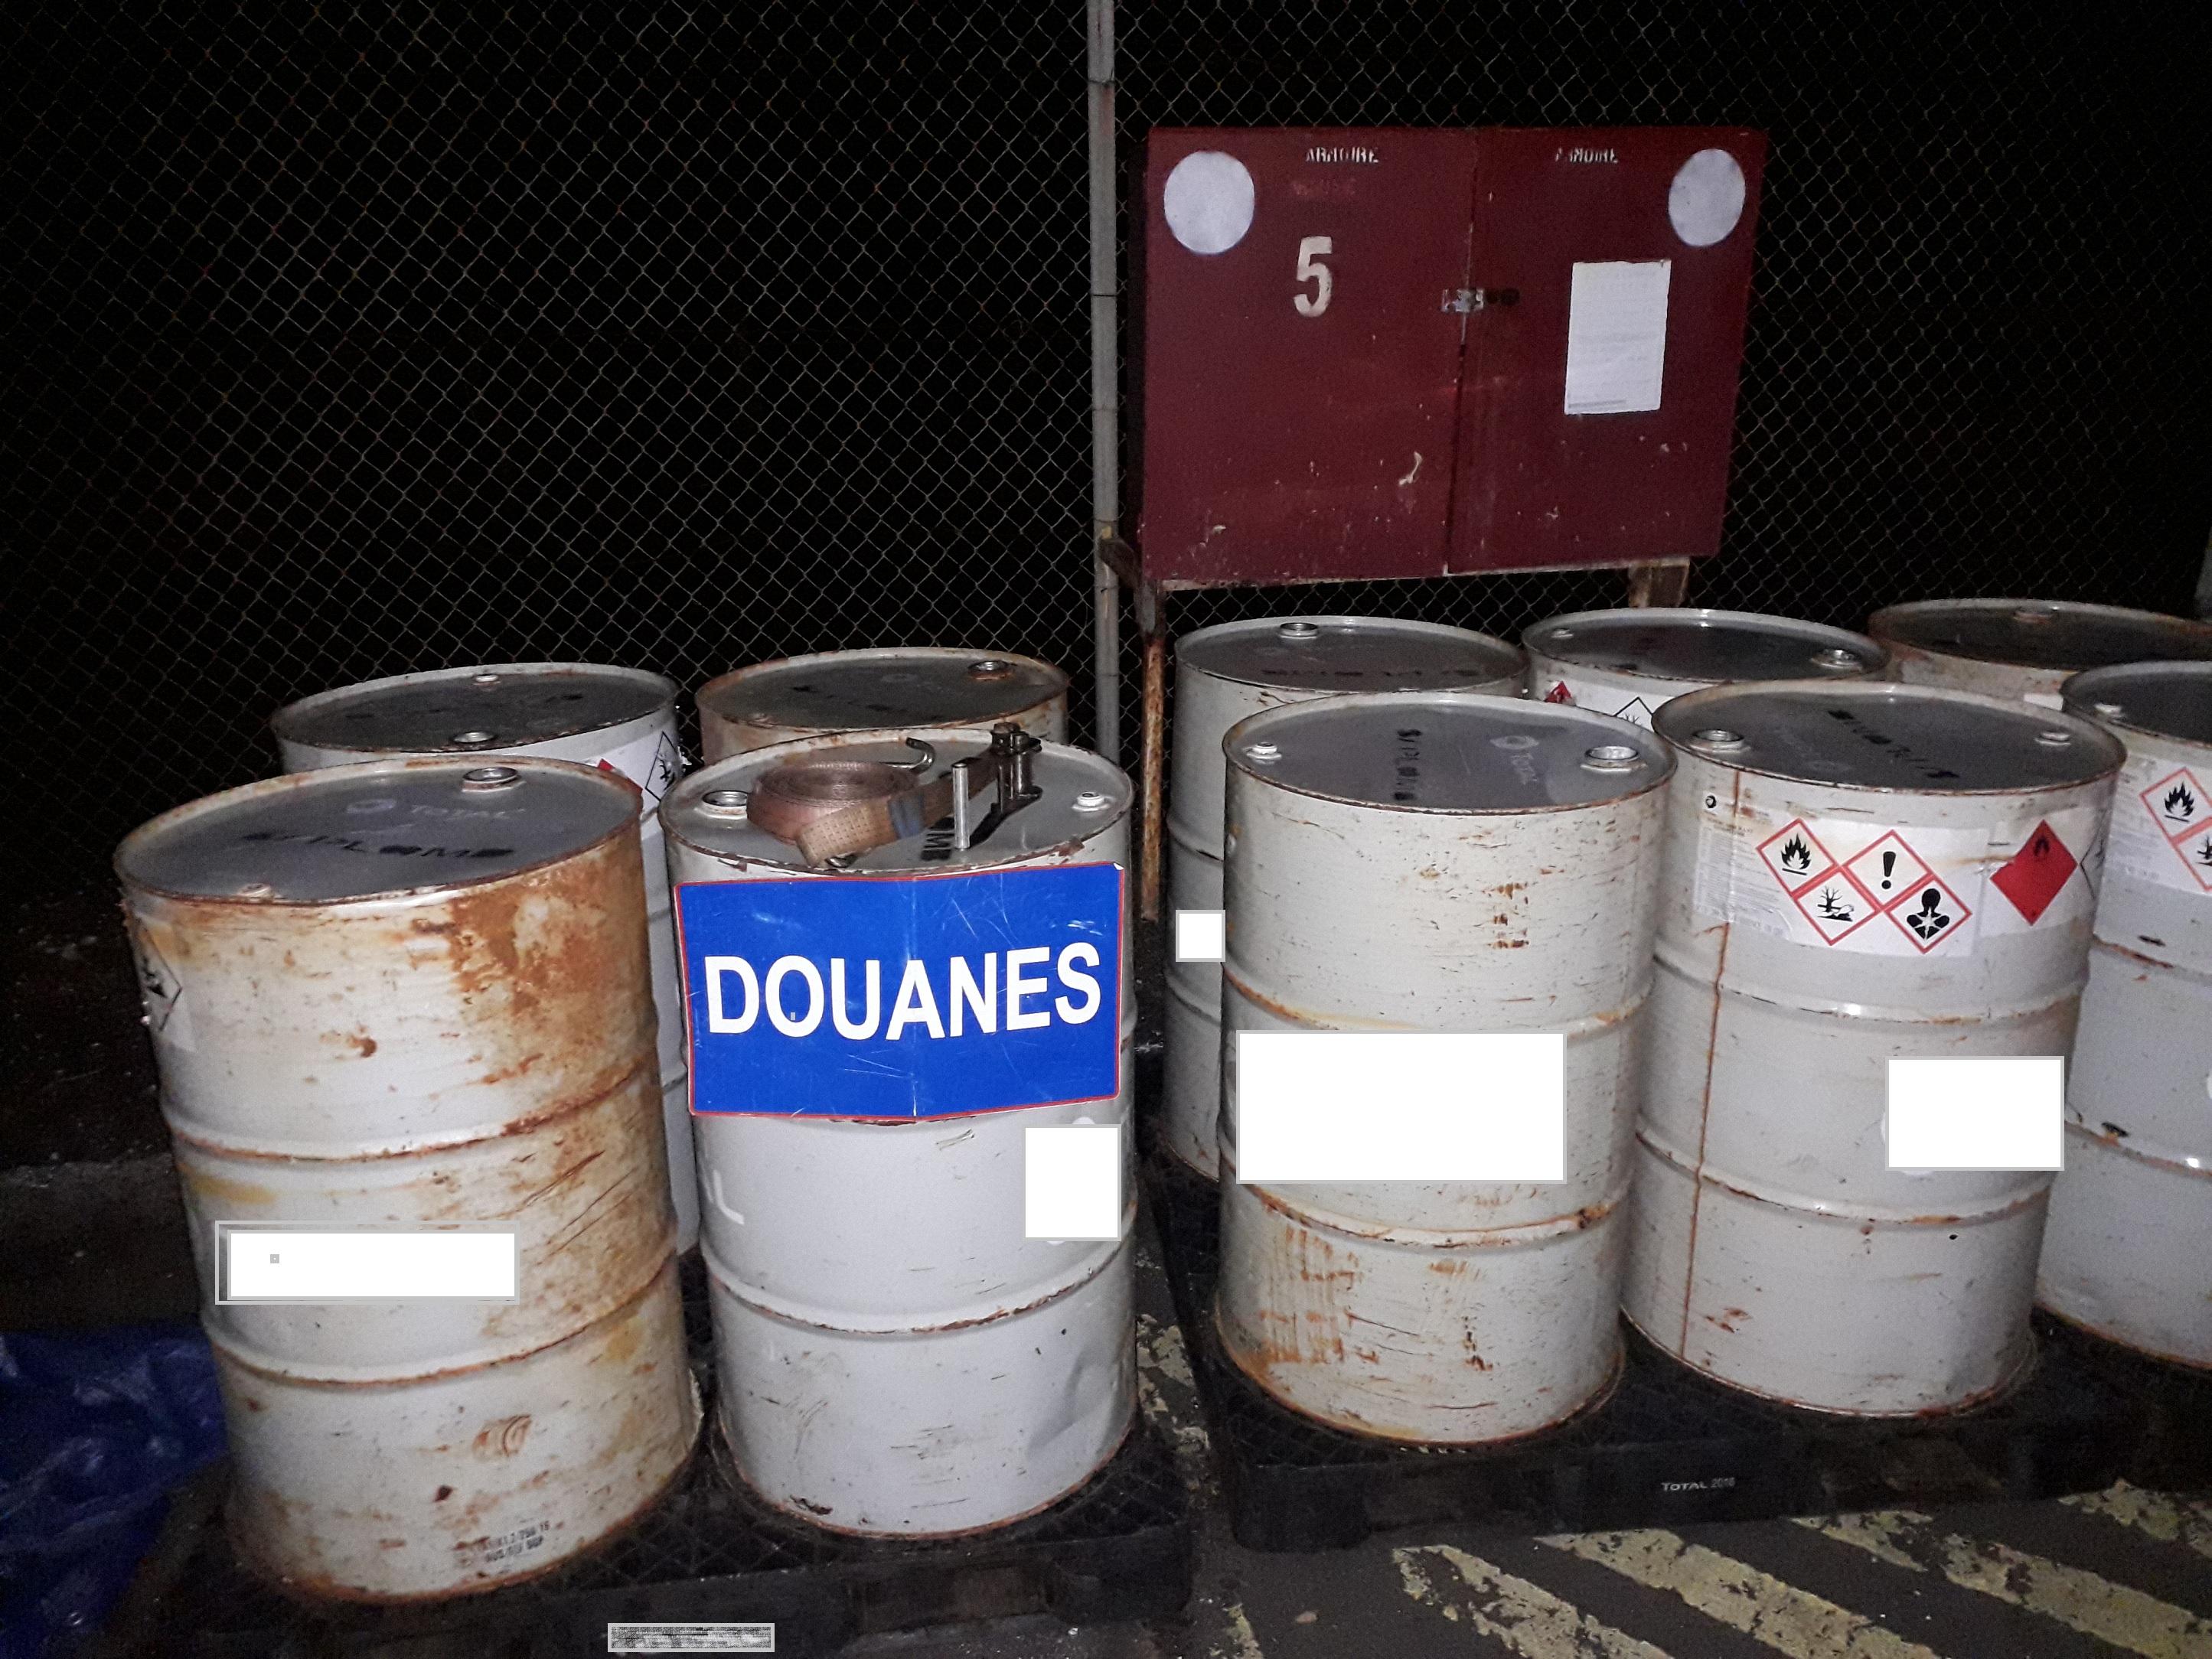 Ils volaient du carburant détaxé en zone sous douane, deux individus arrétés